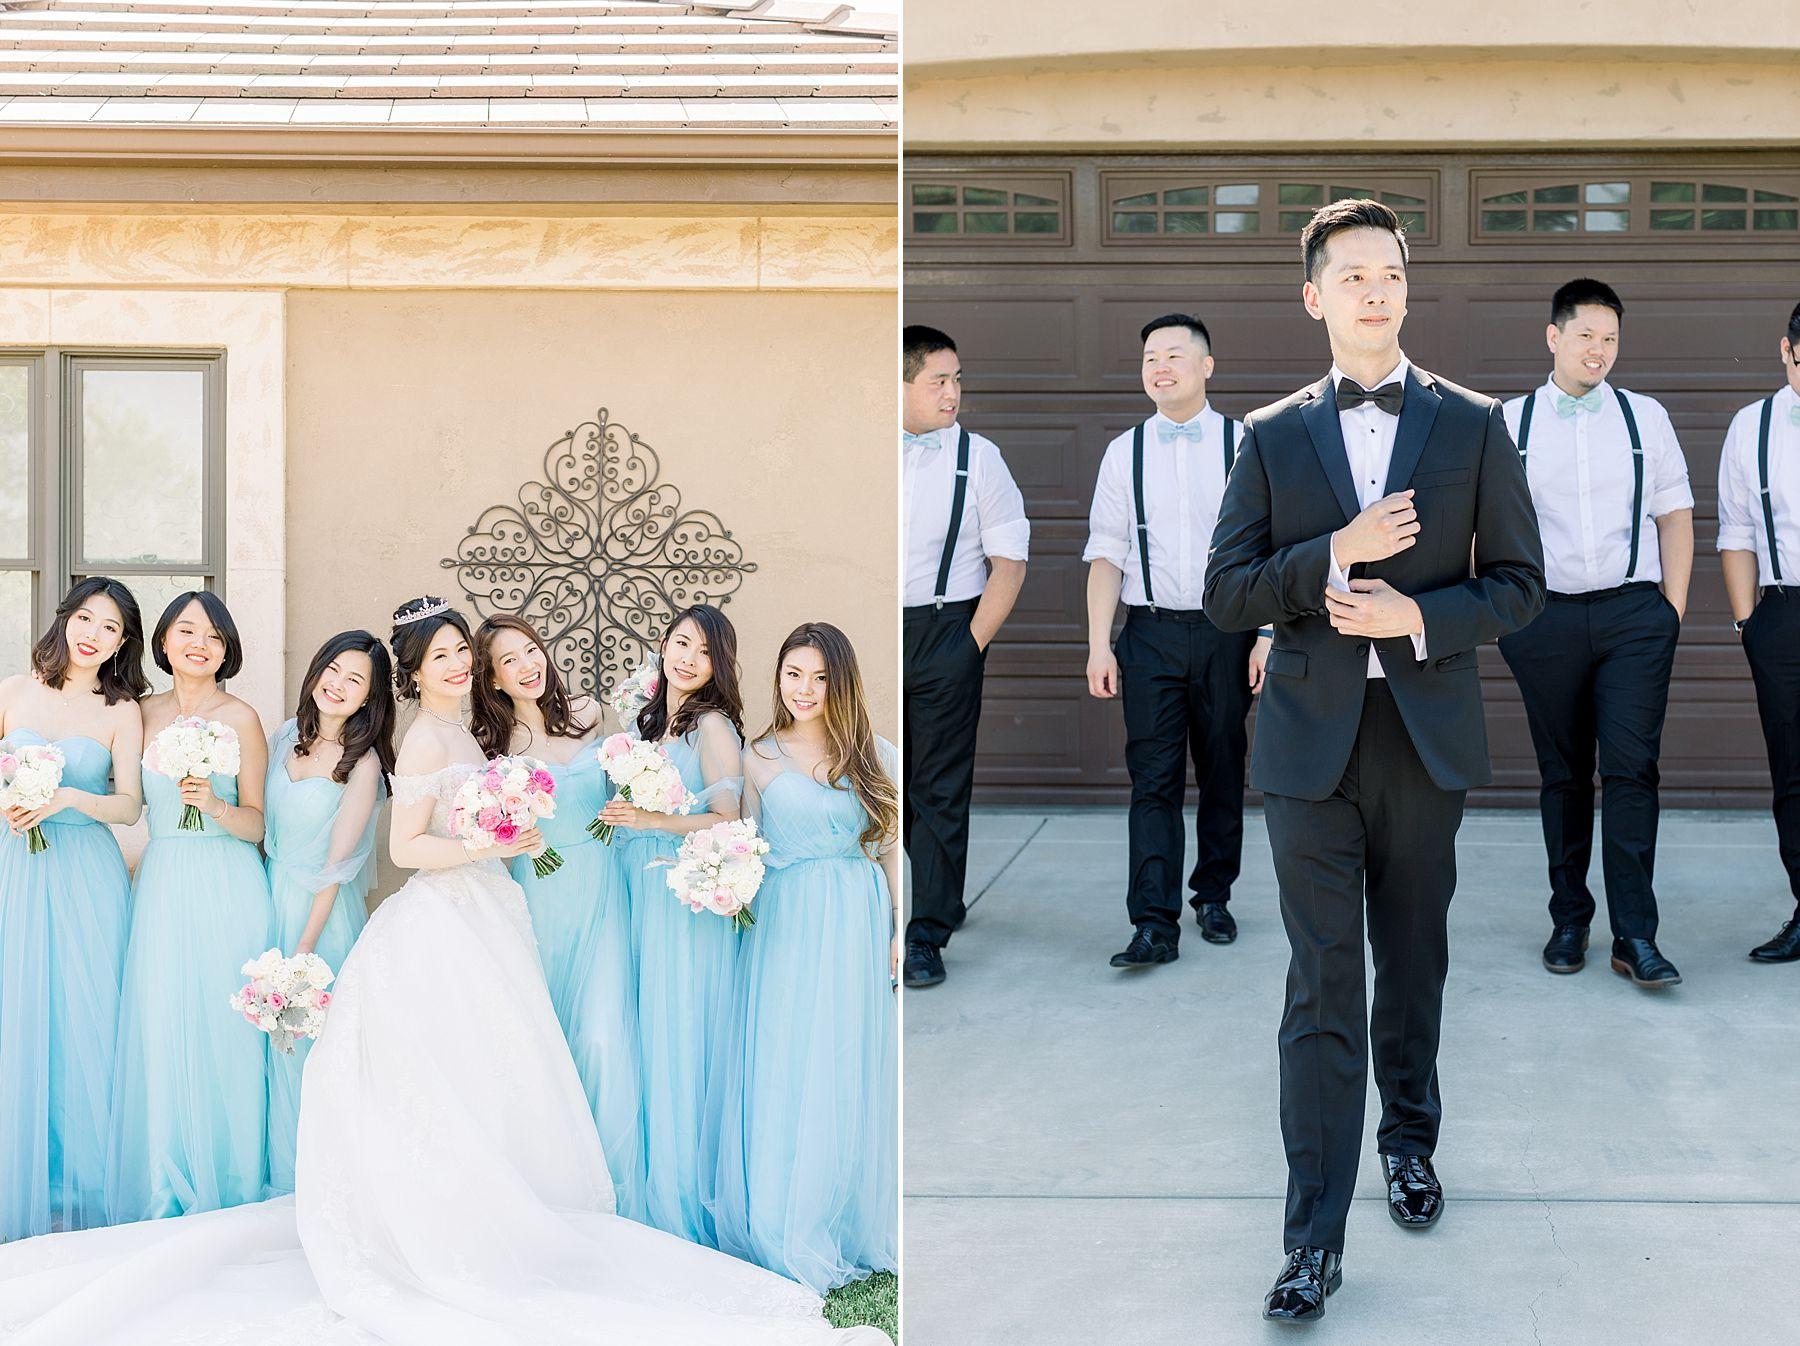 Newberry Estate Vineyards Wedding - Ashley Baumgartner - Jasmine and Johhny - Bay Area Wedding Photographer - Sacramento Wedding Photographer_0015.jpg